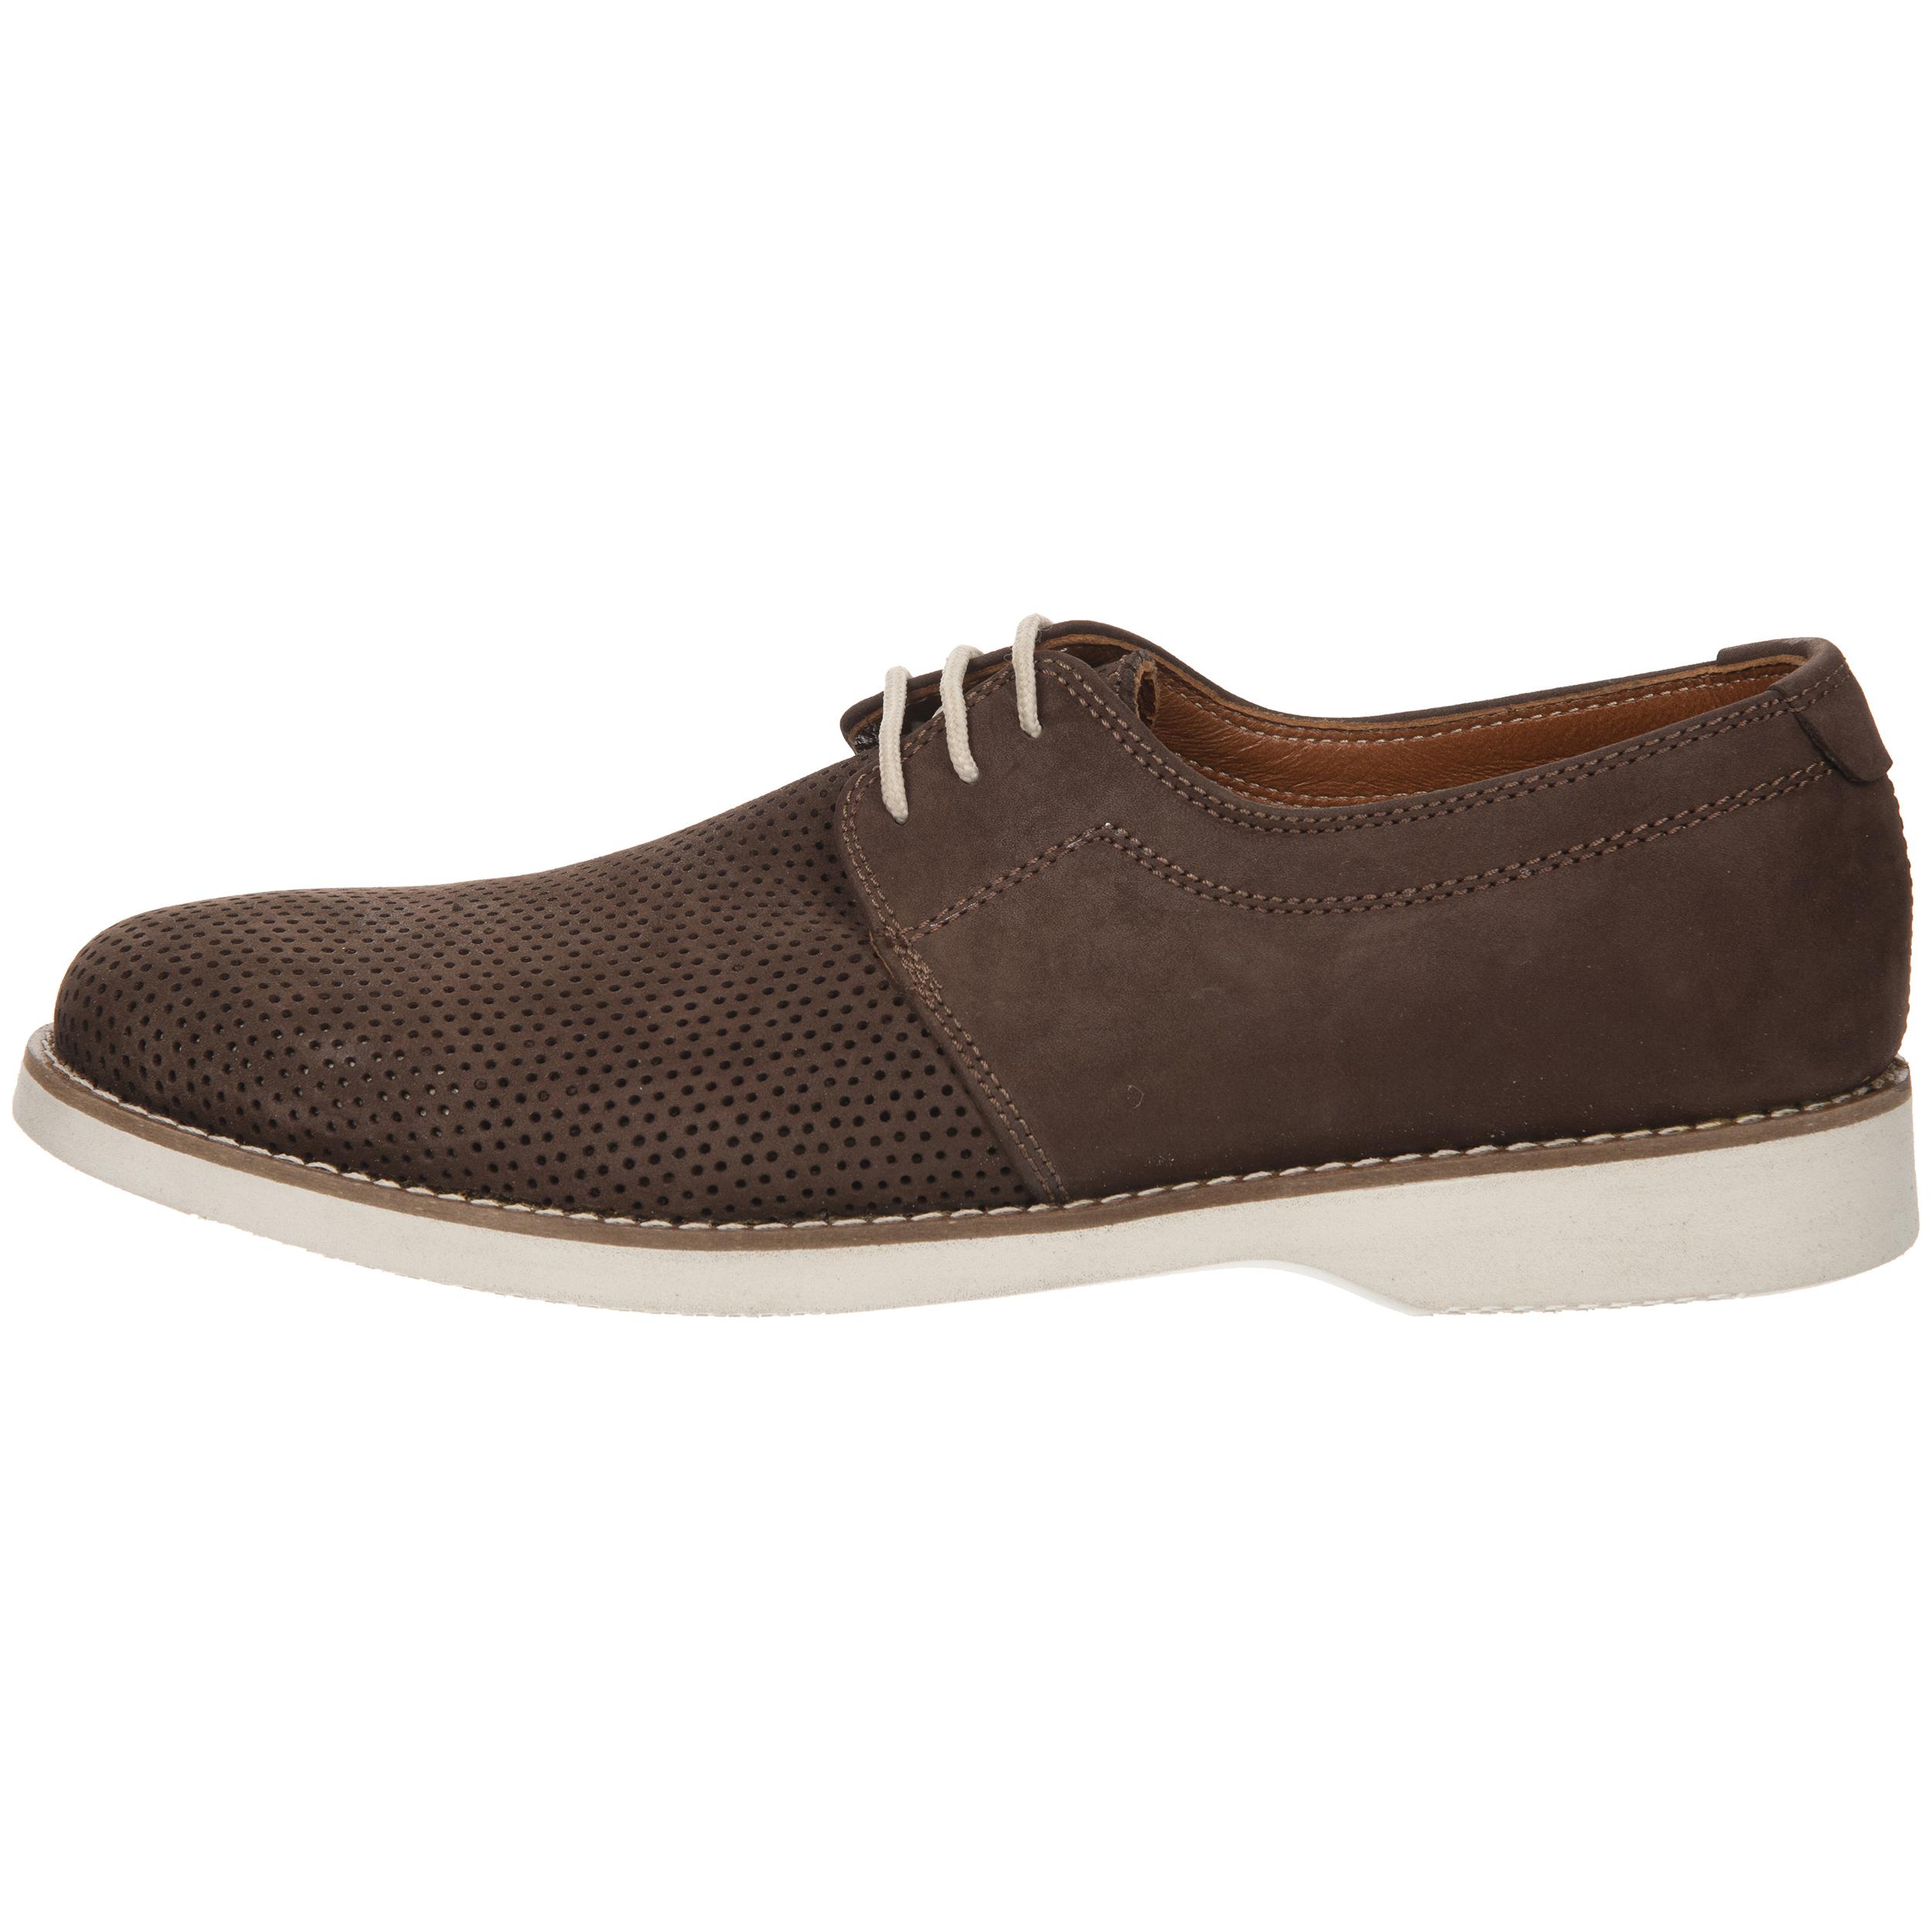 کفش مردانه پانیسا مدل 502-03